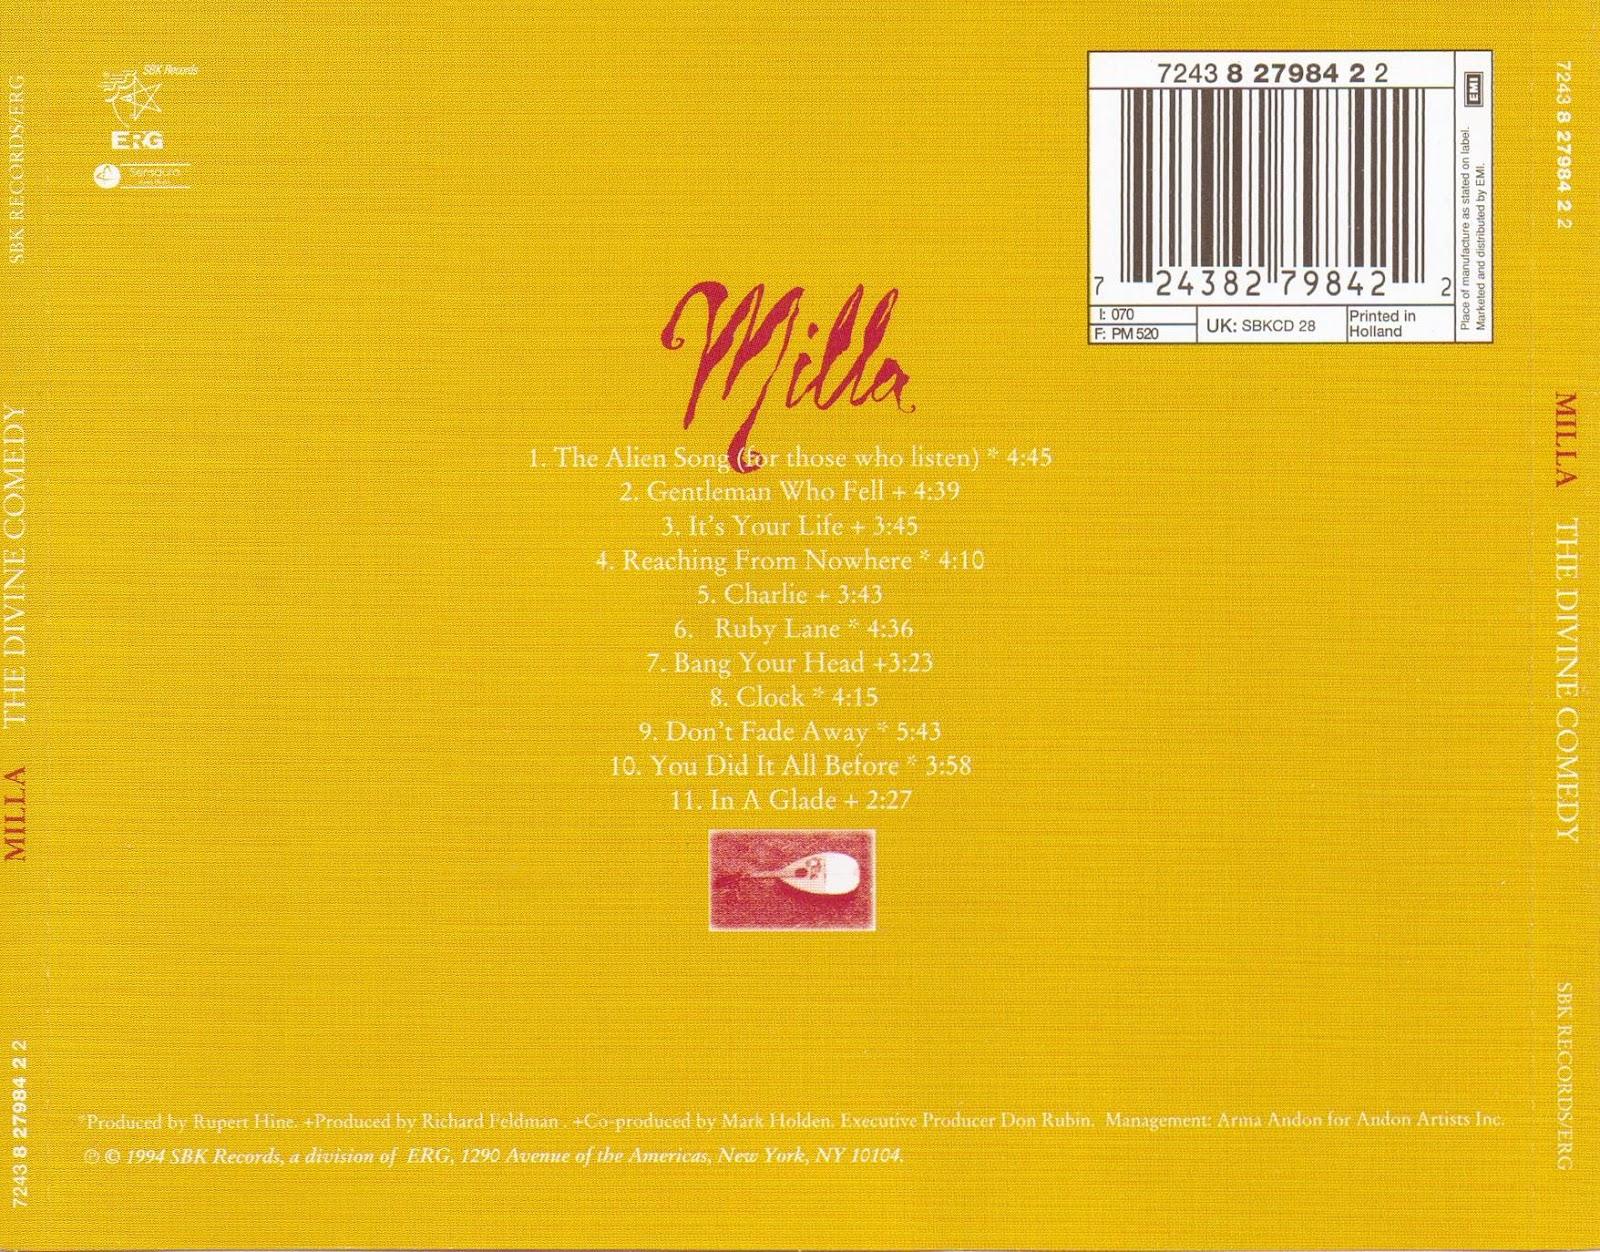 http://2.bp.blogspot.com/-JRUg_dmFqsQ/T9RfyWdVMKI/AAAAAAAAApA/9b570U4499Q/s1600/7-CD+The+Divine+Comedy+-+Milla.jpg